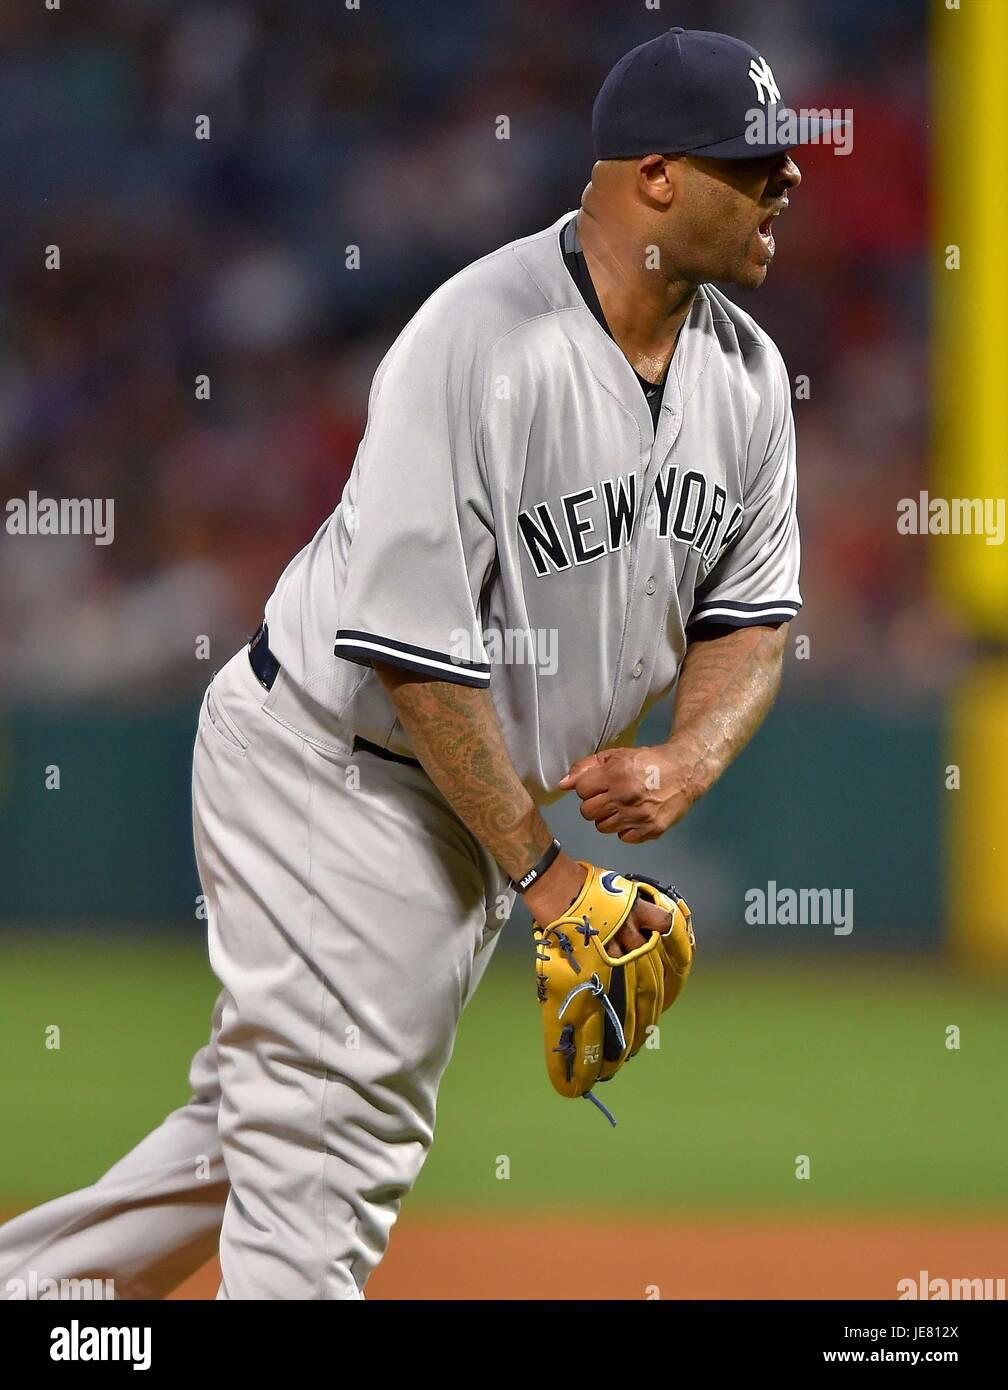 cf1f8d6b40417 CC Sabathia (Yankees) MLB